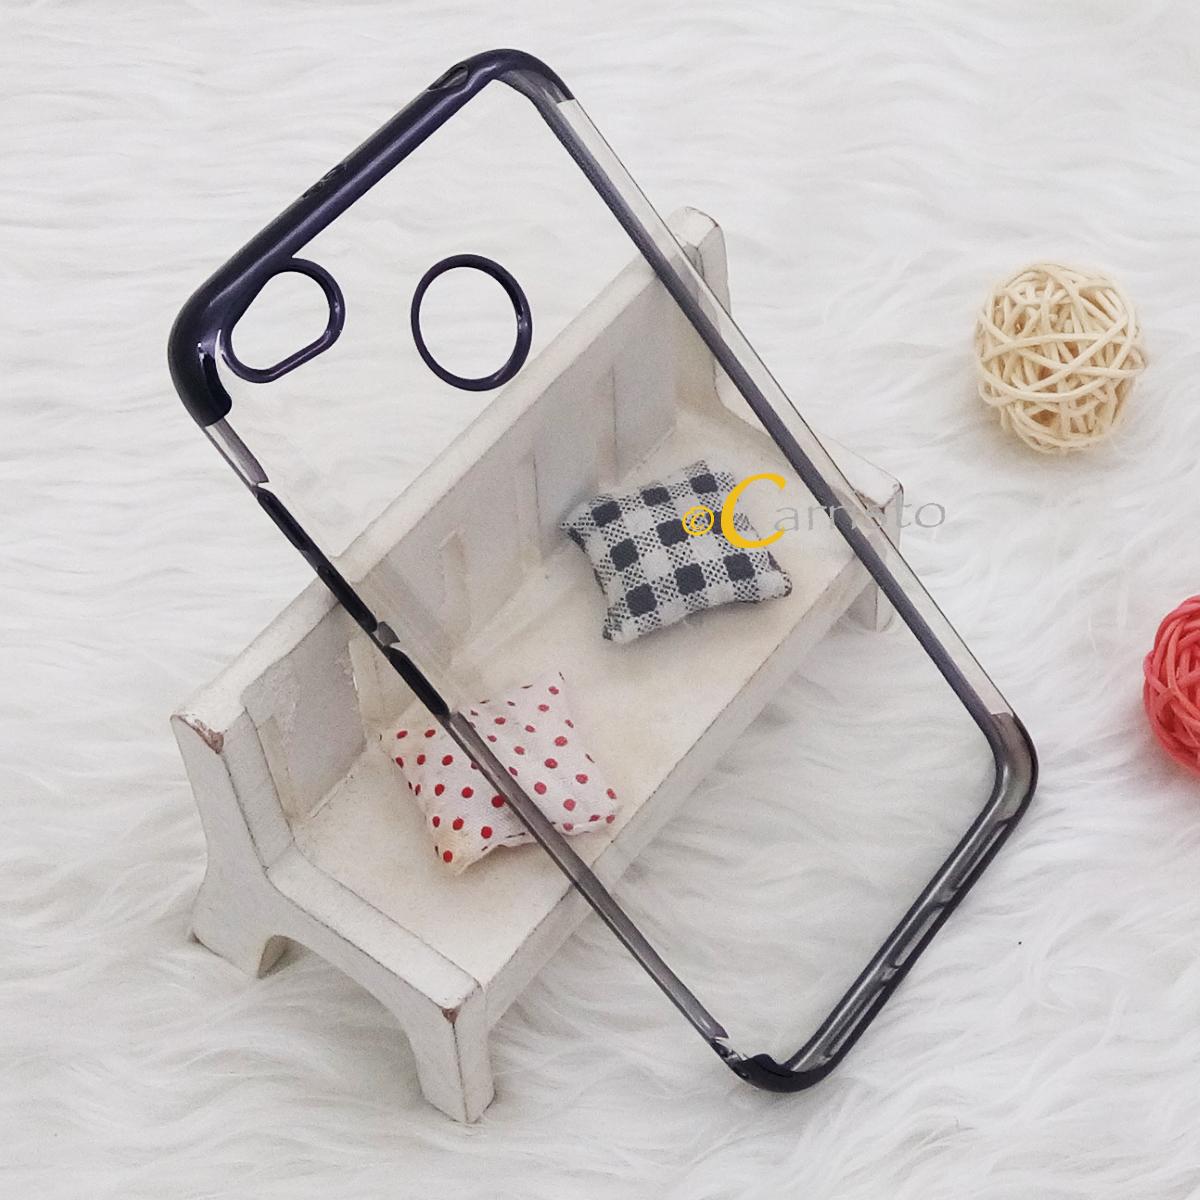 Xiaomi Redmi Note 4 4x End 11 7 2020 312 Pm Case 4a Softcase Mi A1 Plating Tpu Soft Cove